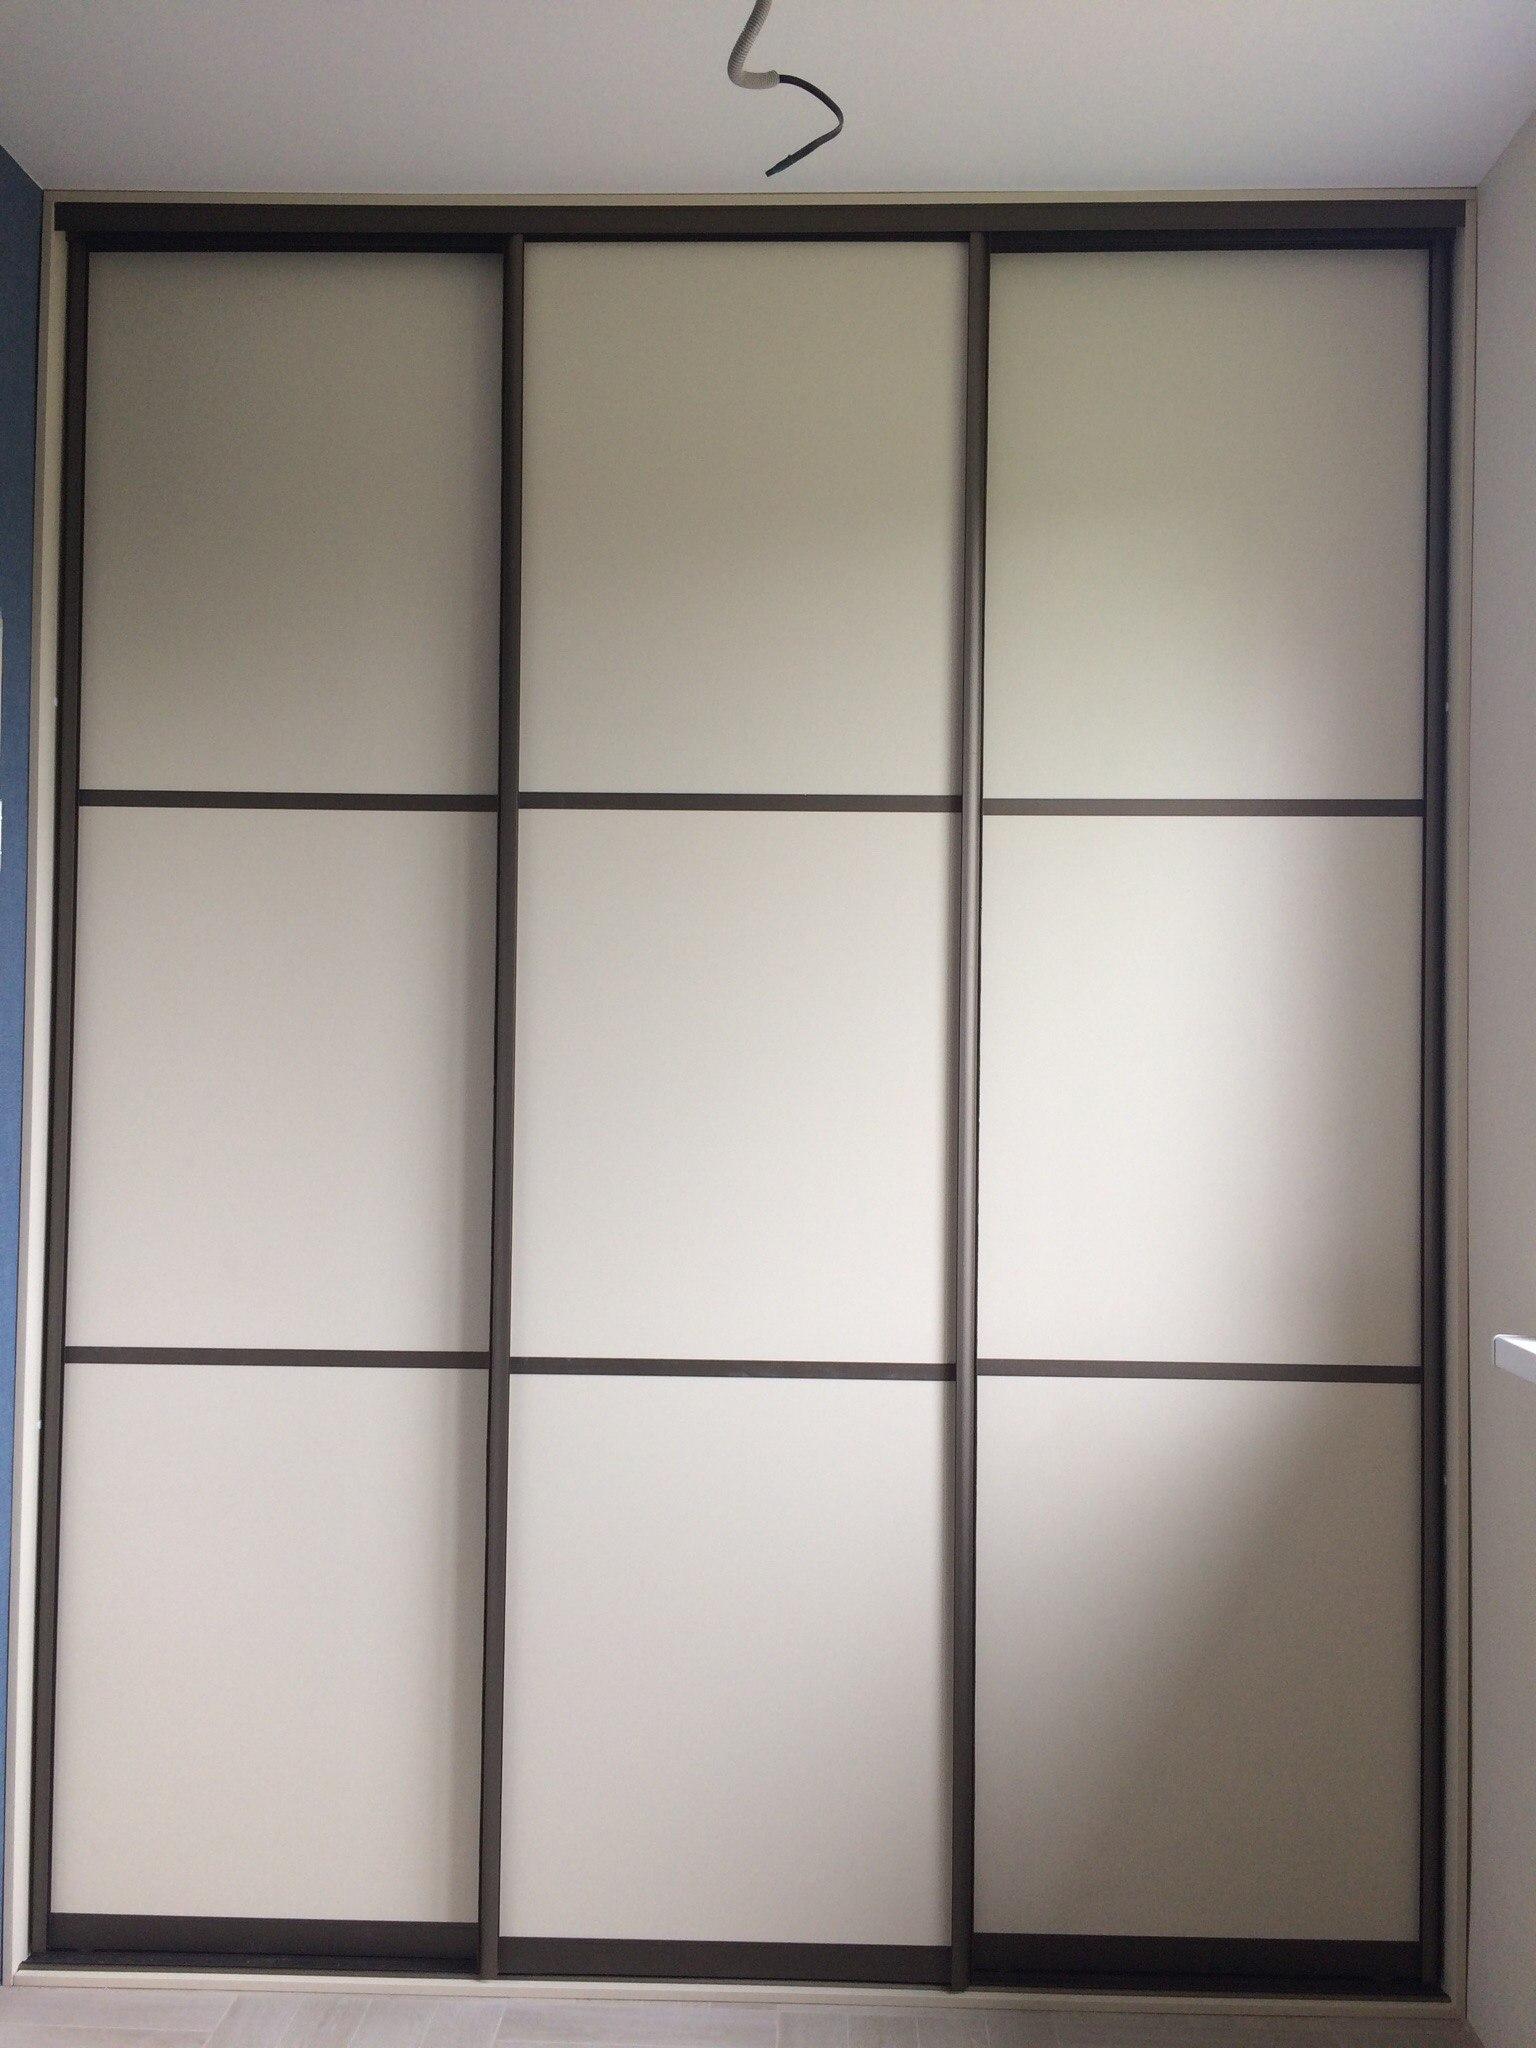 Проектирование и изготовление встроенных шкафов-купе, гардеробных, прихожих.